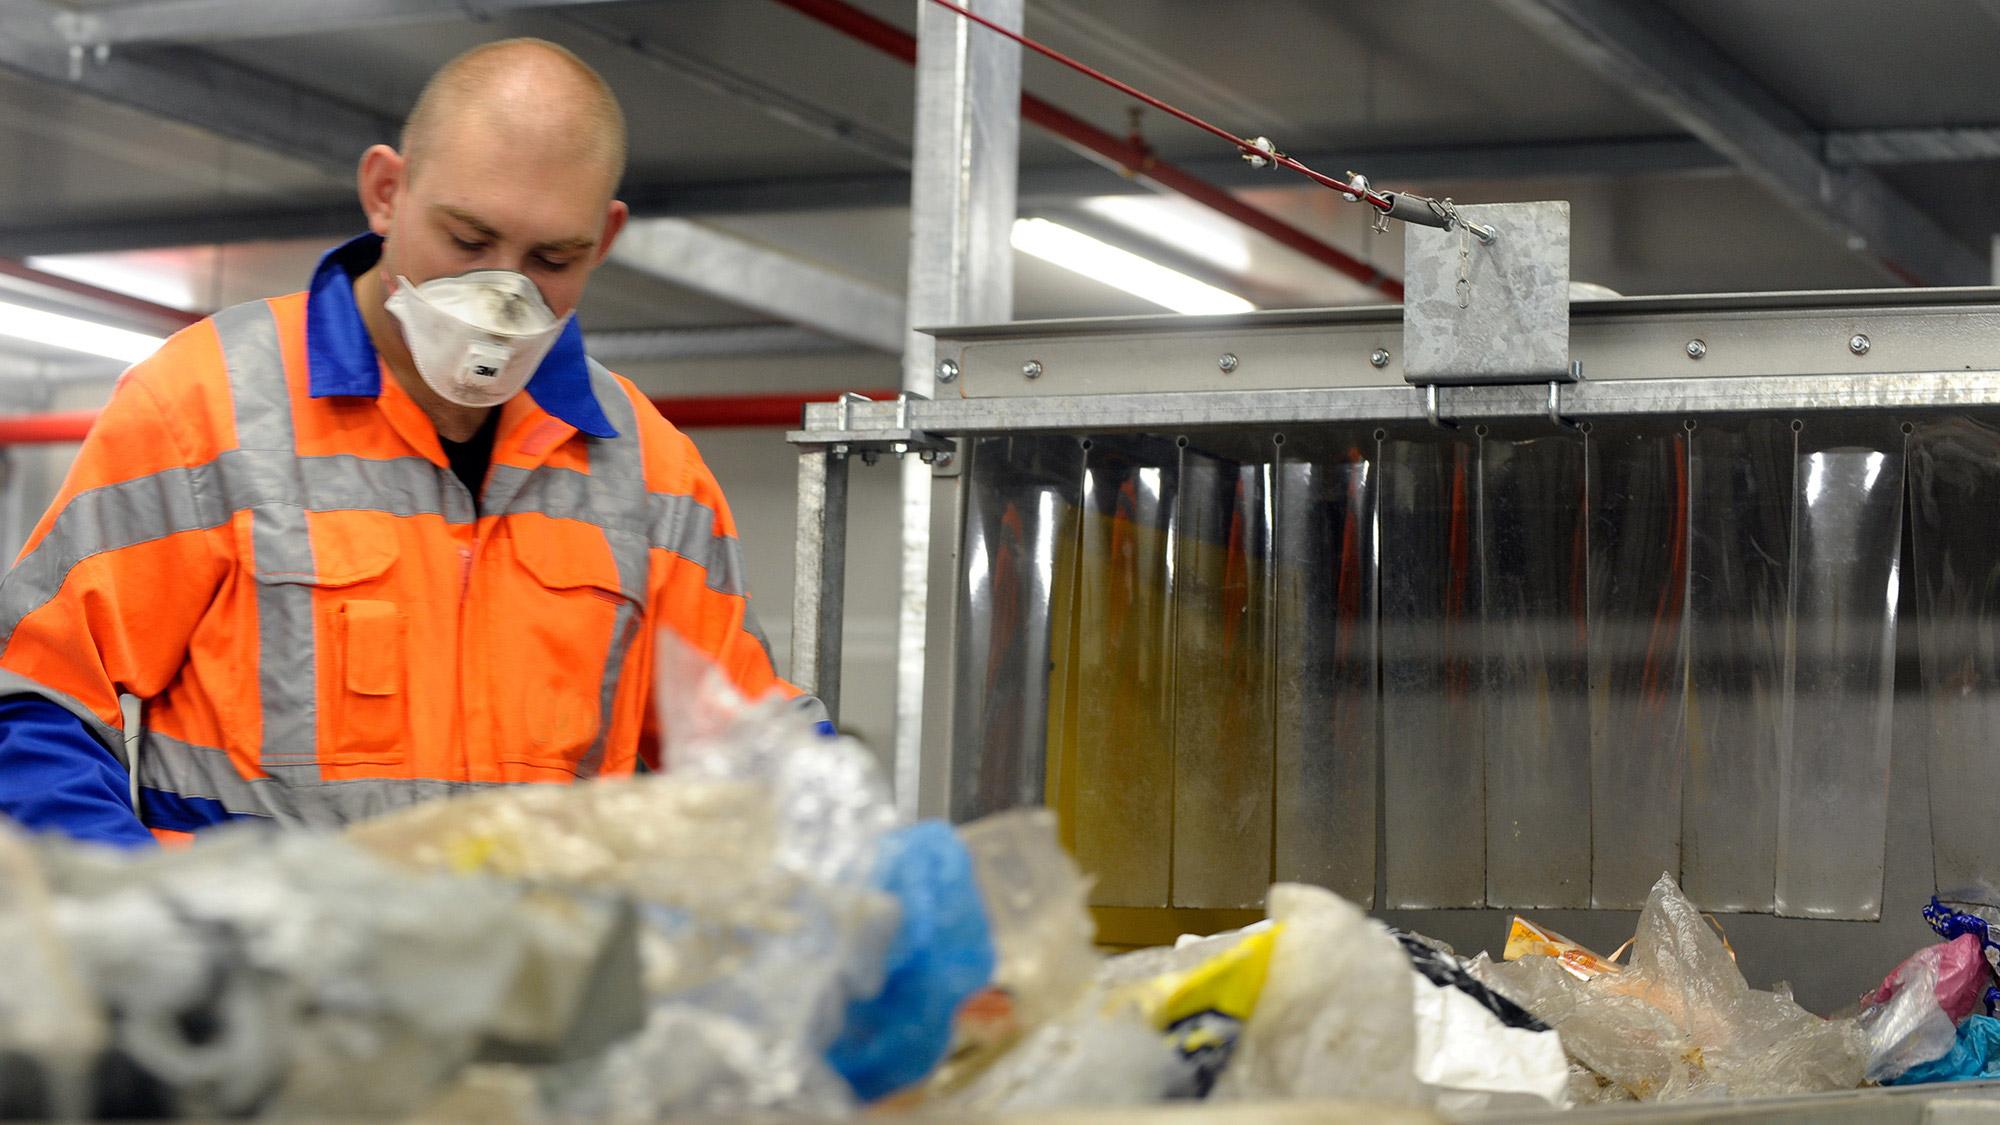 废物处理及处置